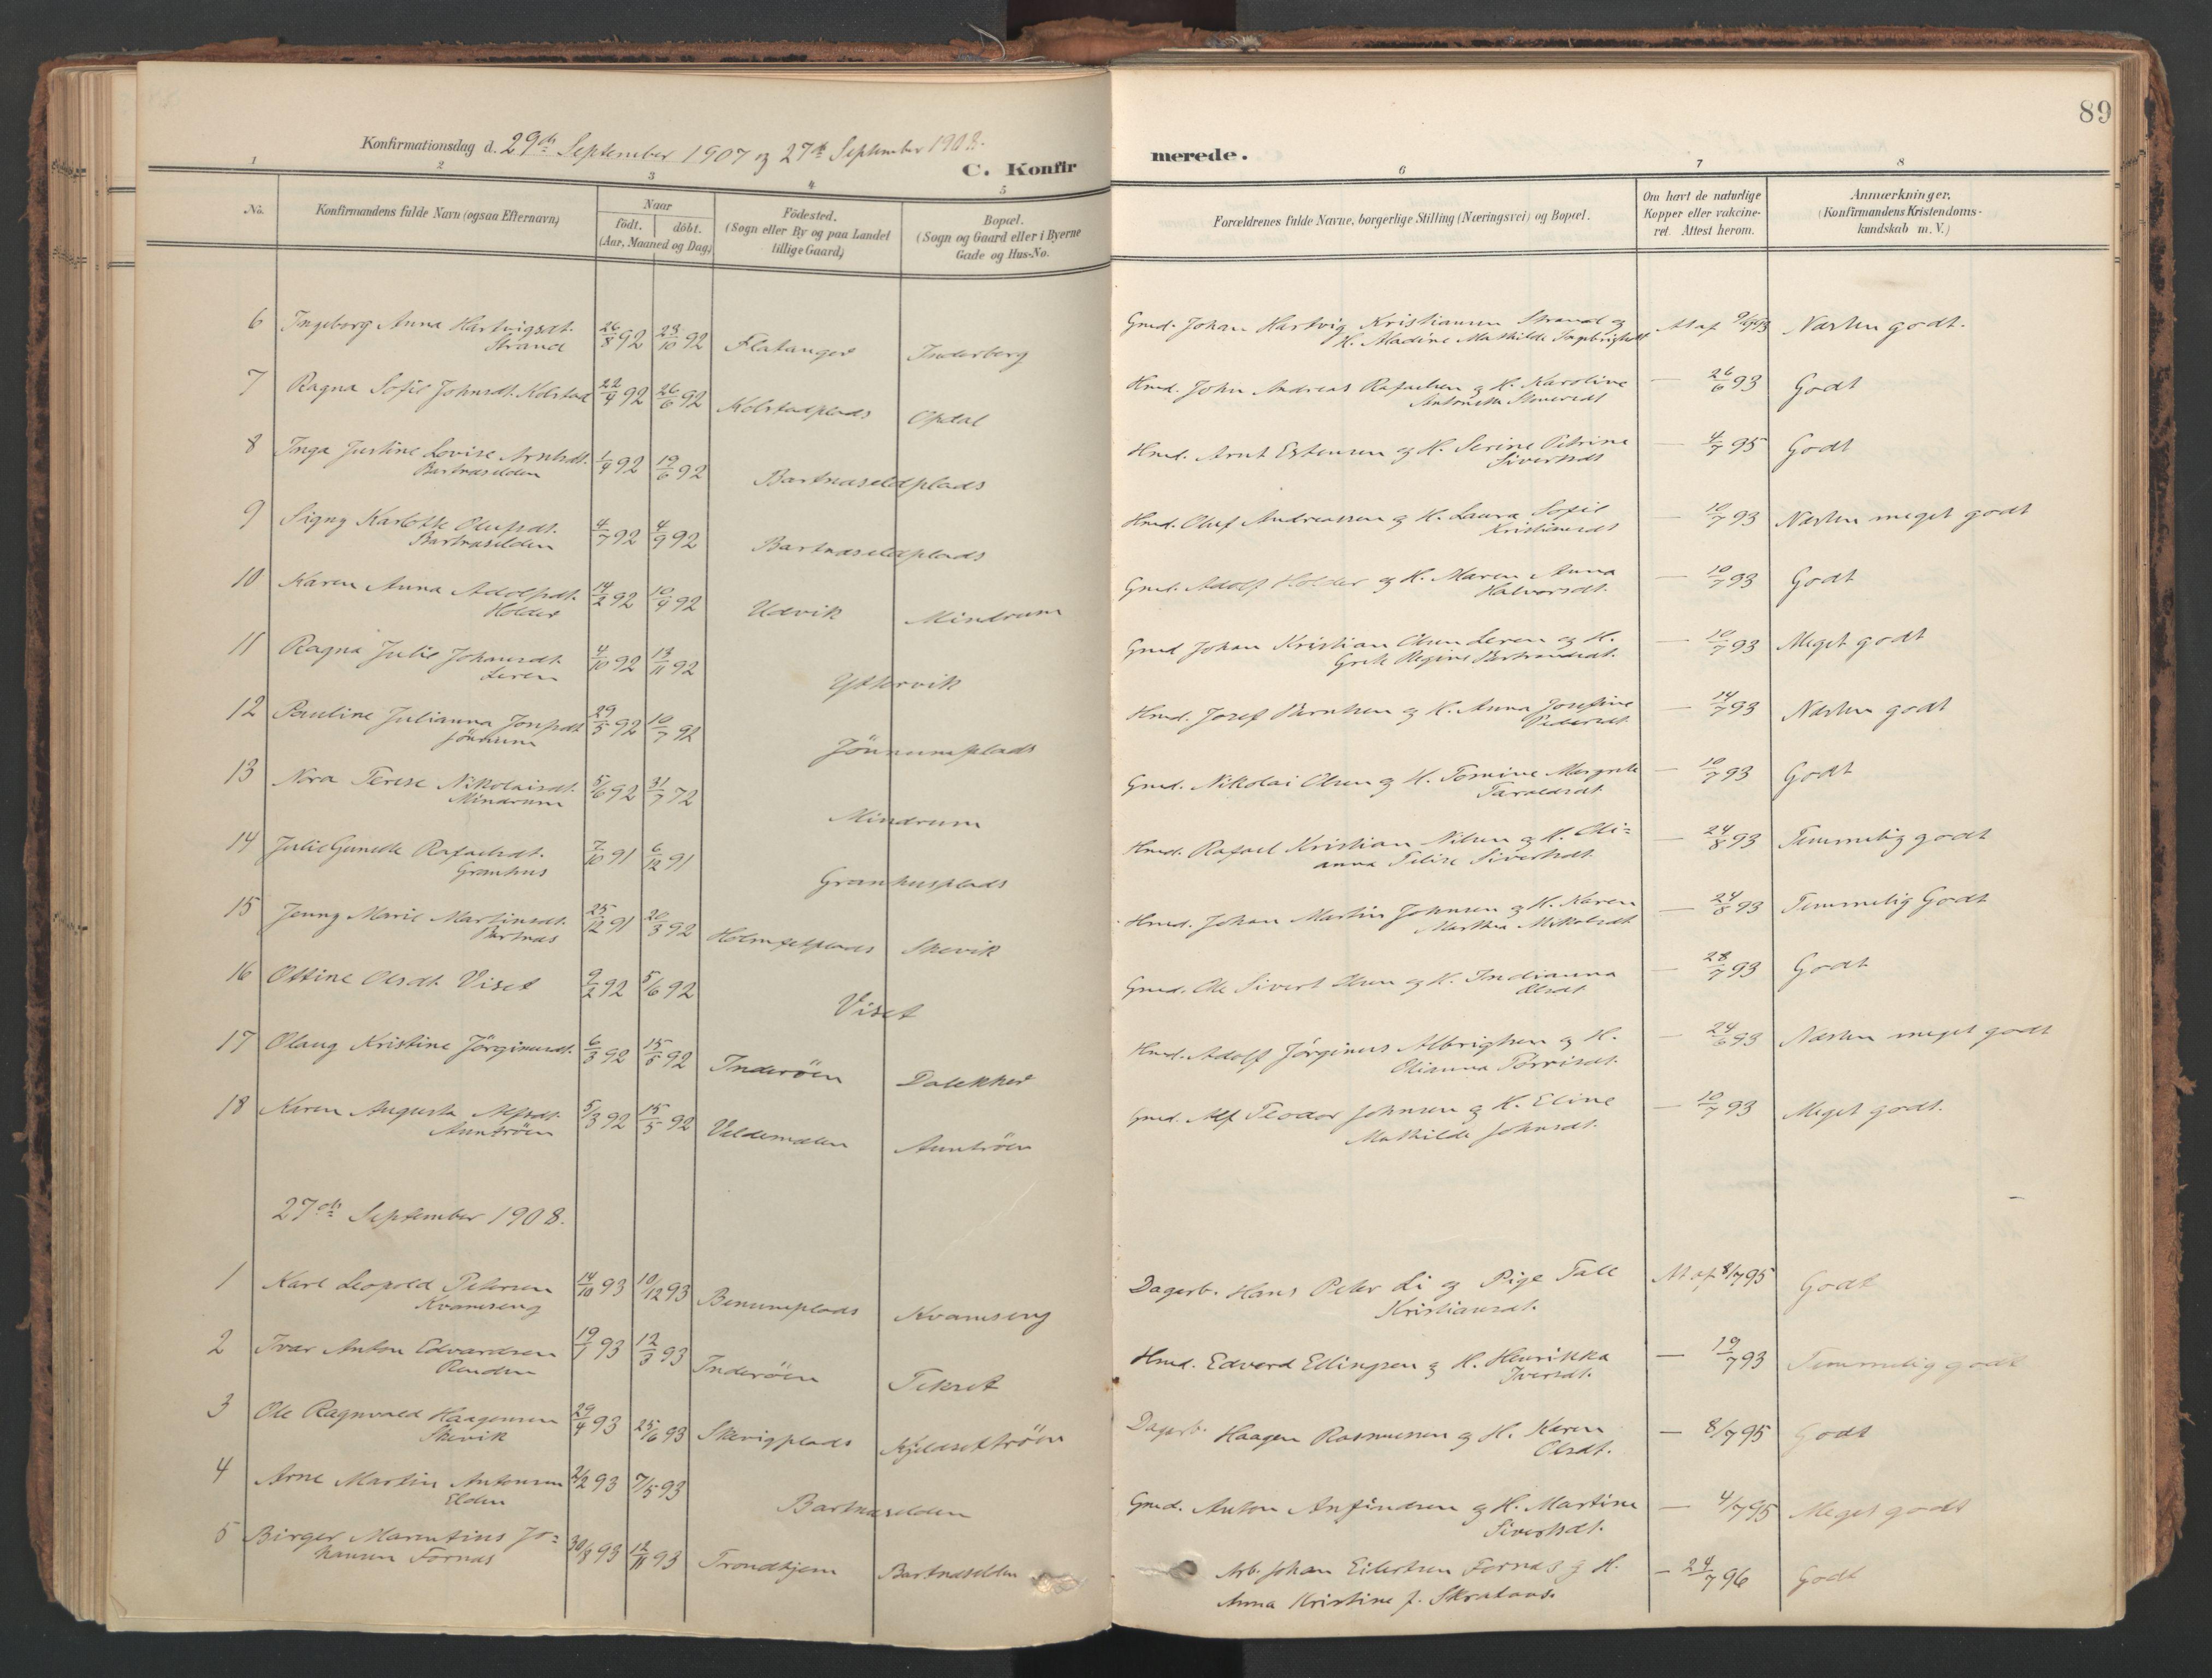 SAT, Ministerialprotokoller, klokkerbøker og fødselsregistre - Nord-Trøndelag, 741/L0397: Ministerialbok nr. 741A11, 1901-1911, s. 89